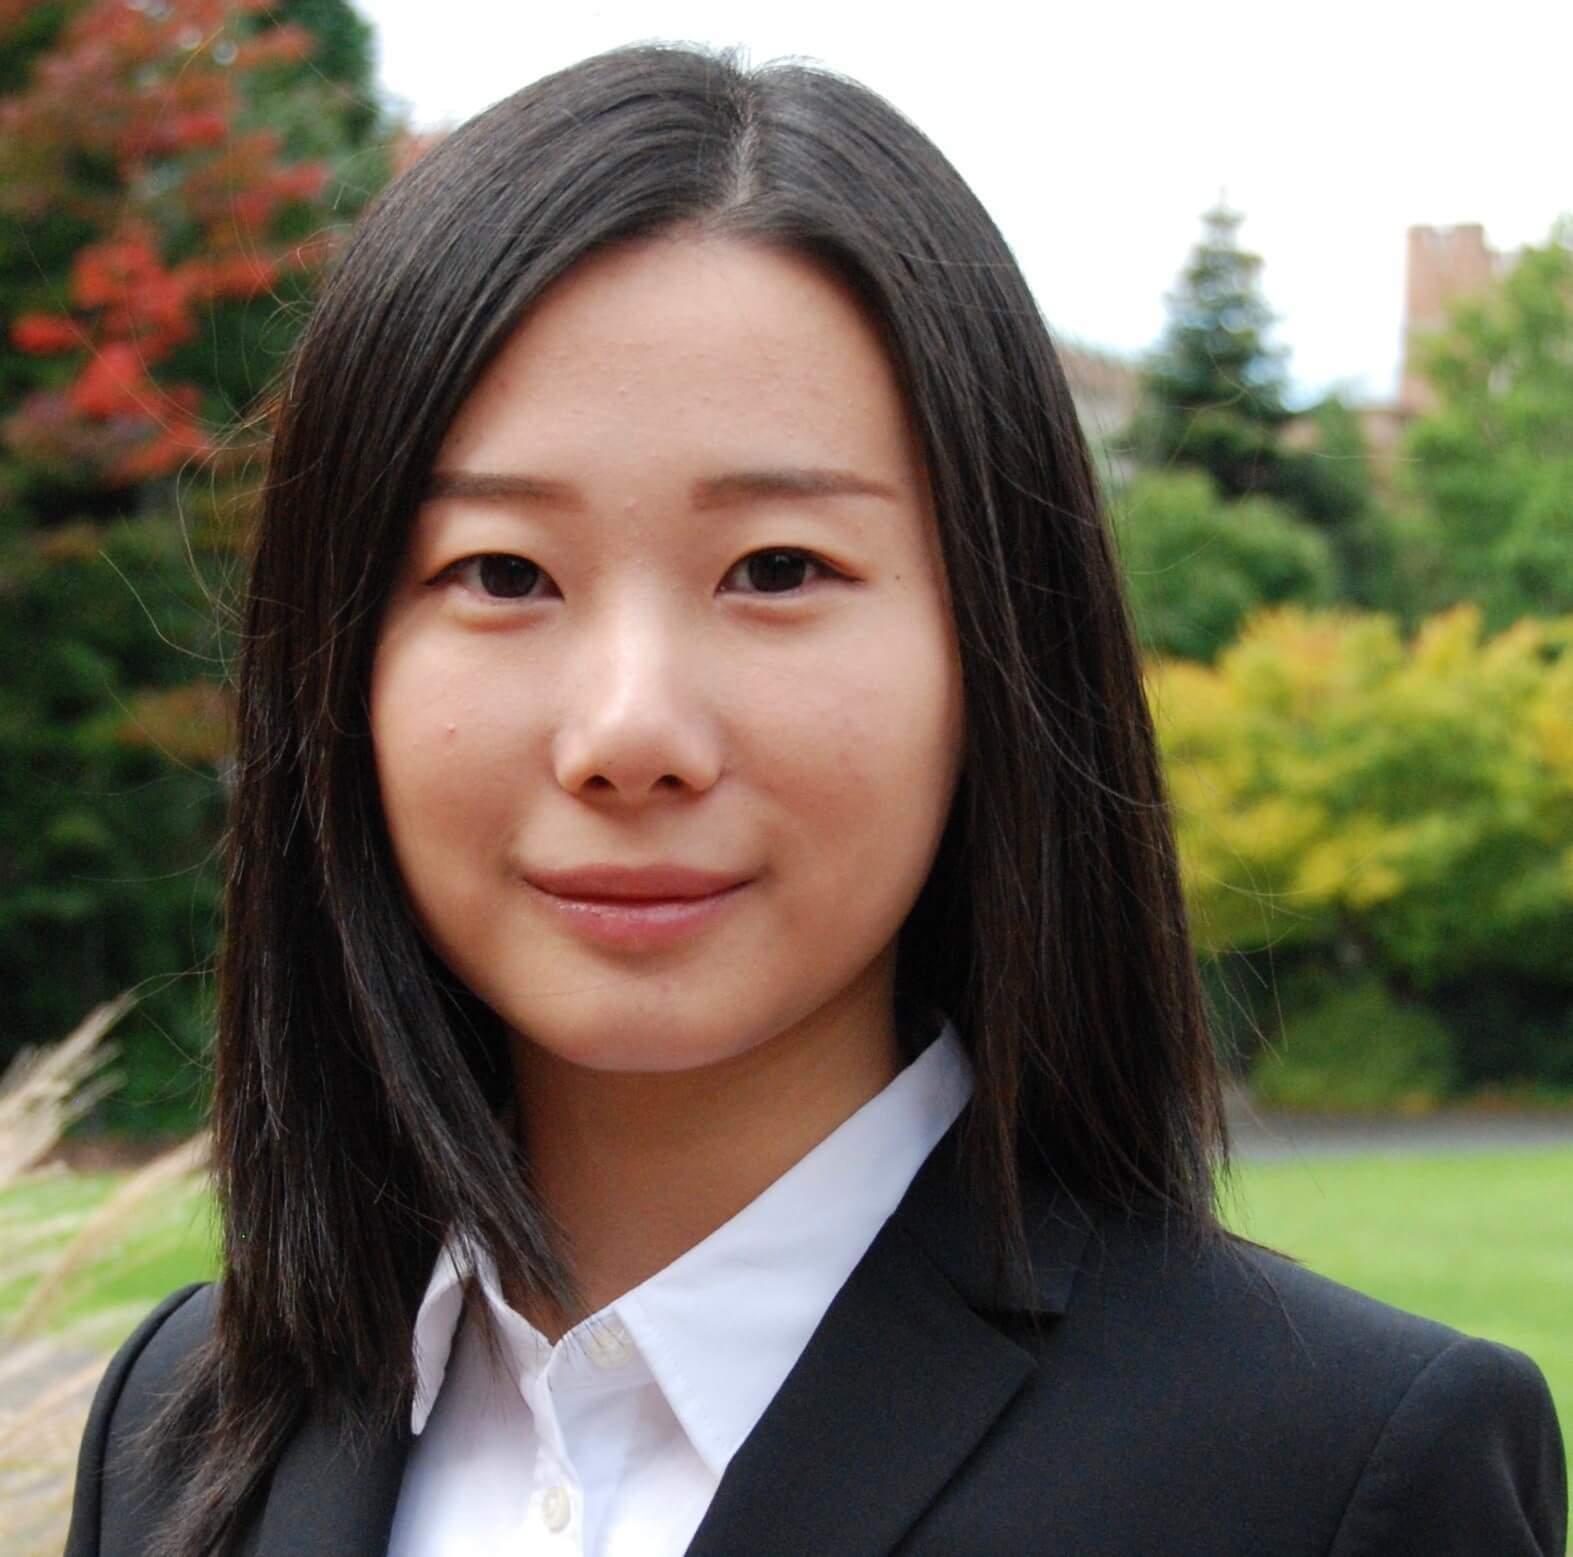 Yijia Xue : Graduate Student